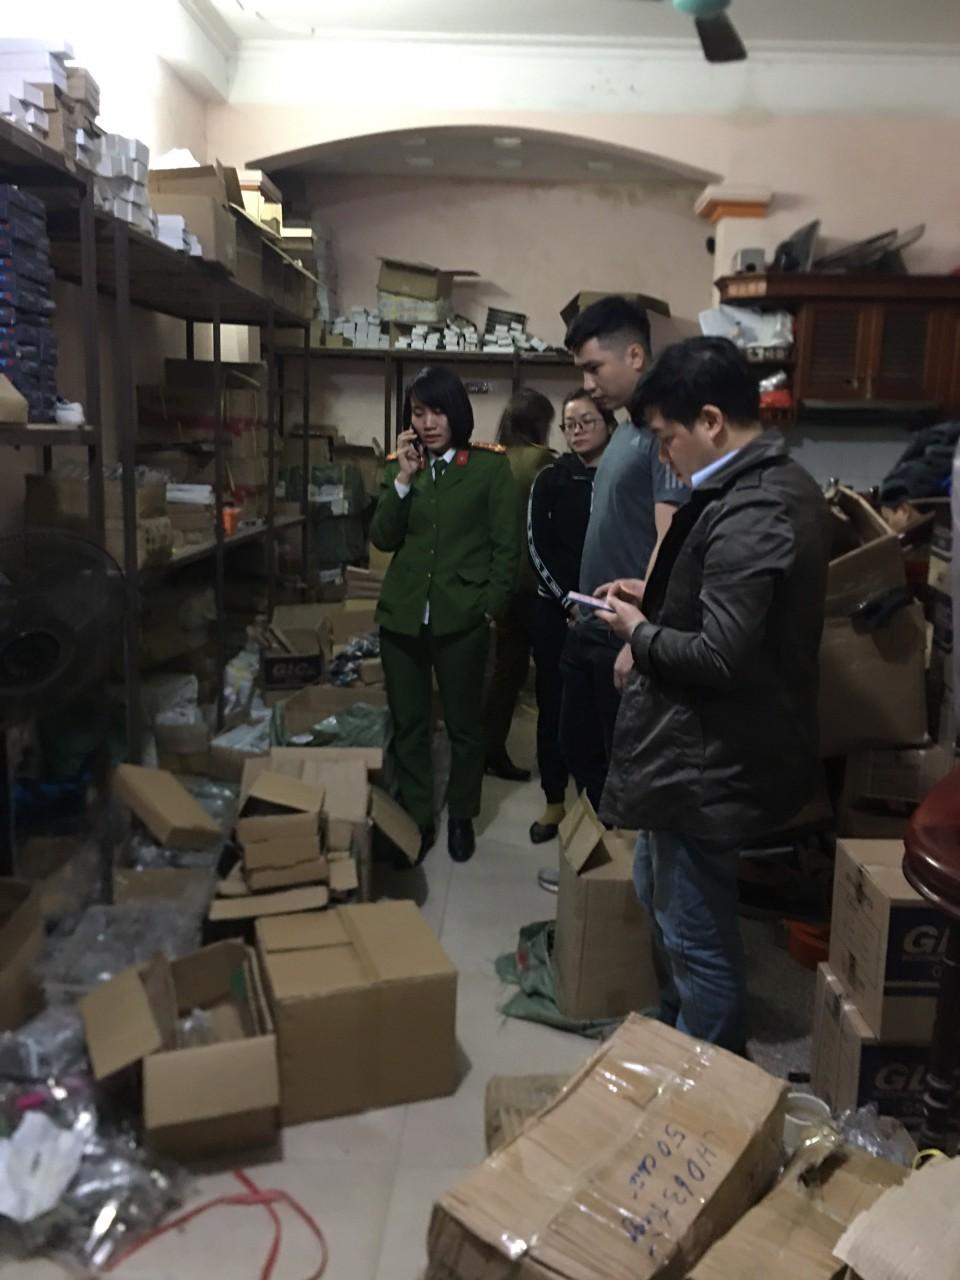 QLTT Hà Nội: Tạm giữ hàng trăm sản phẩm có dấu hiệu giả mạo nhãn hiệu và có dấu hiệu xâm phạm quyền Sở hữu công nghiệp.